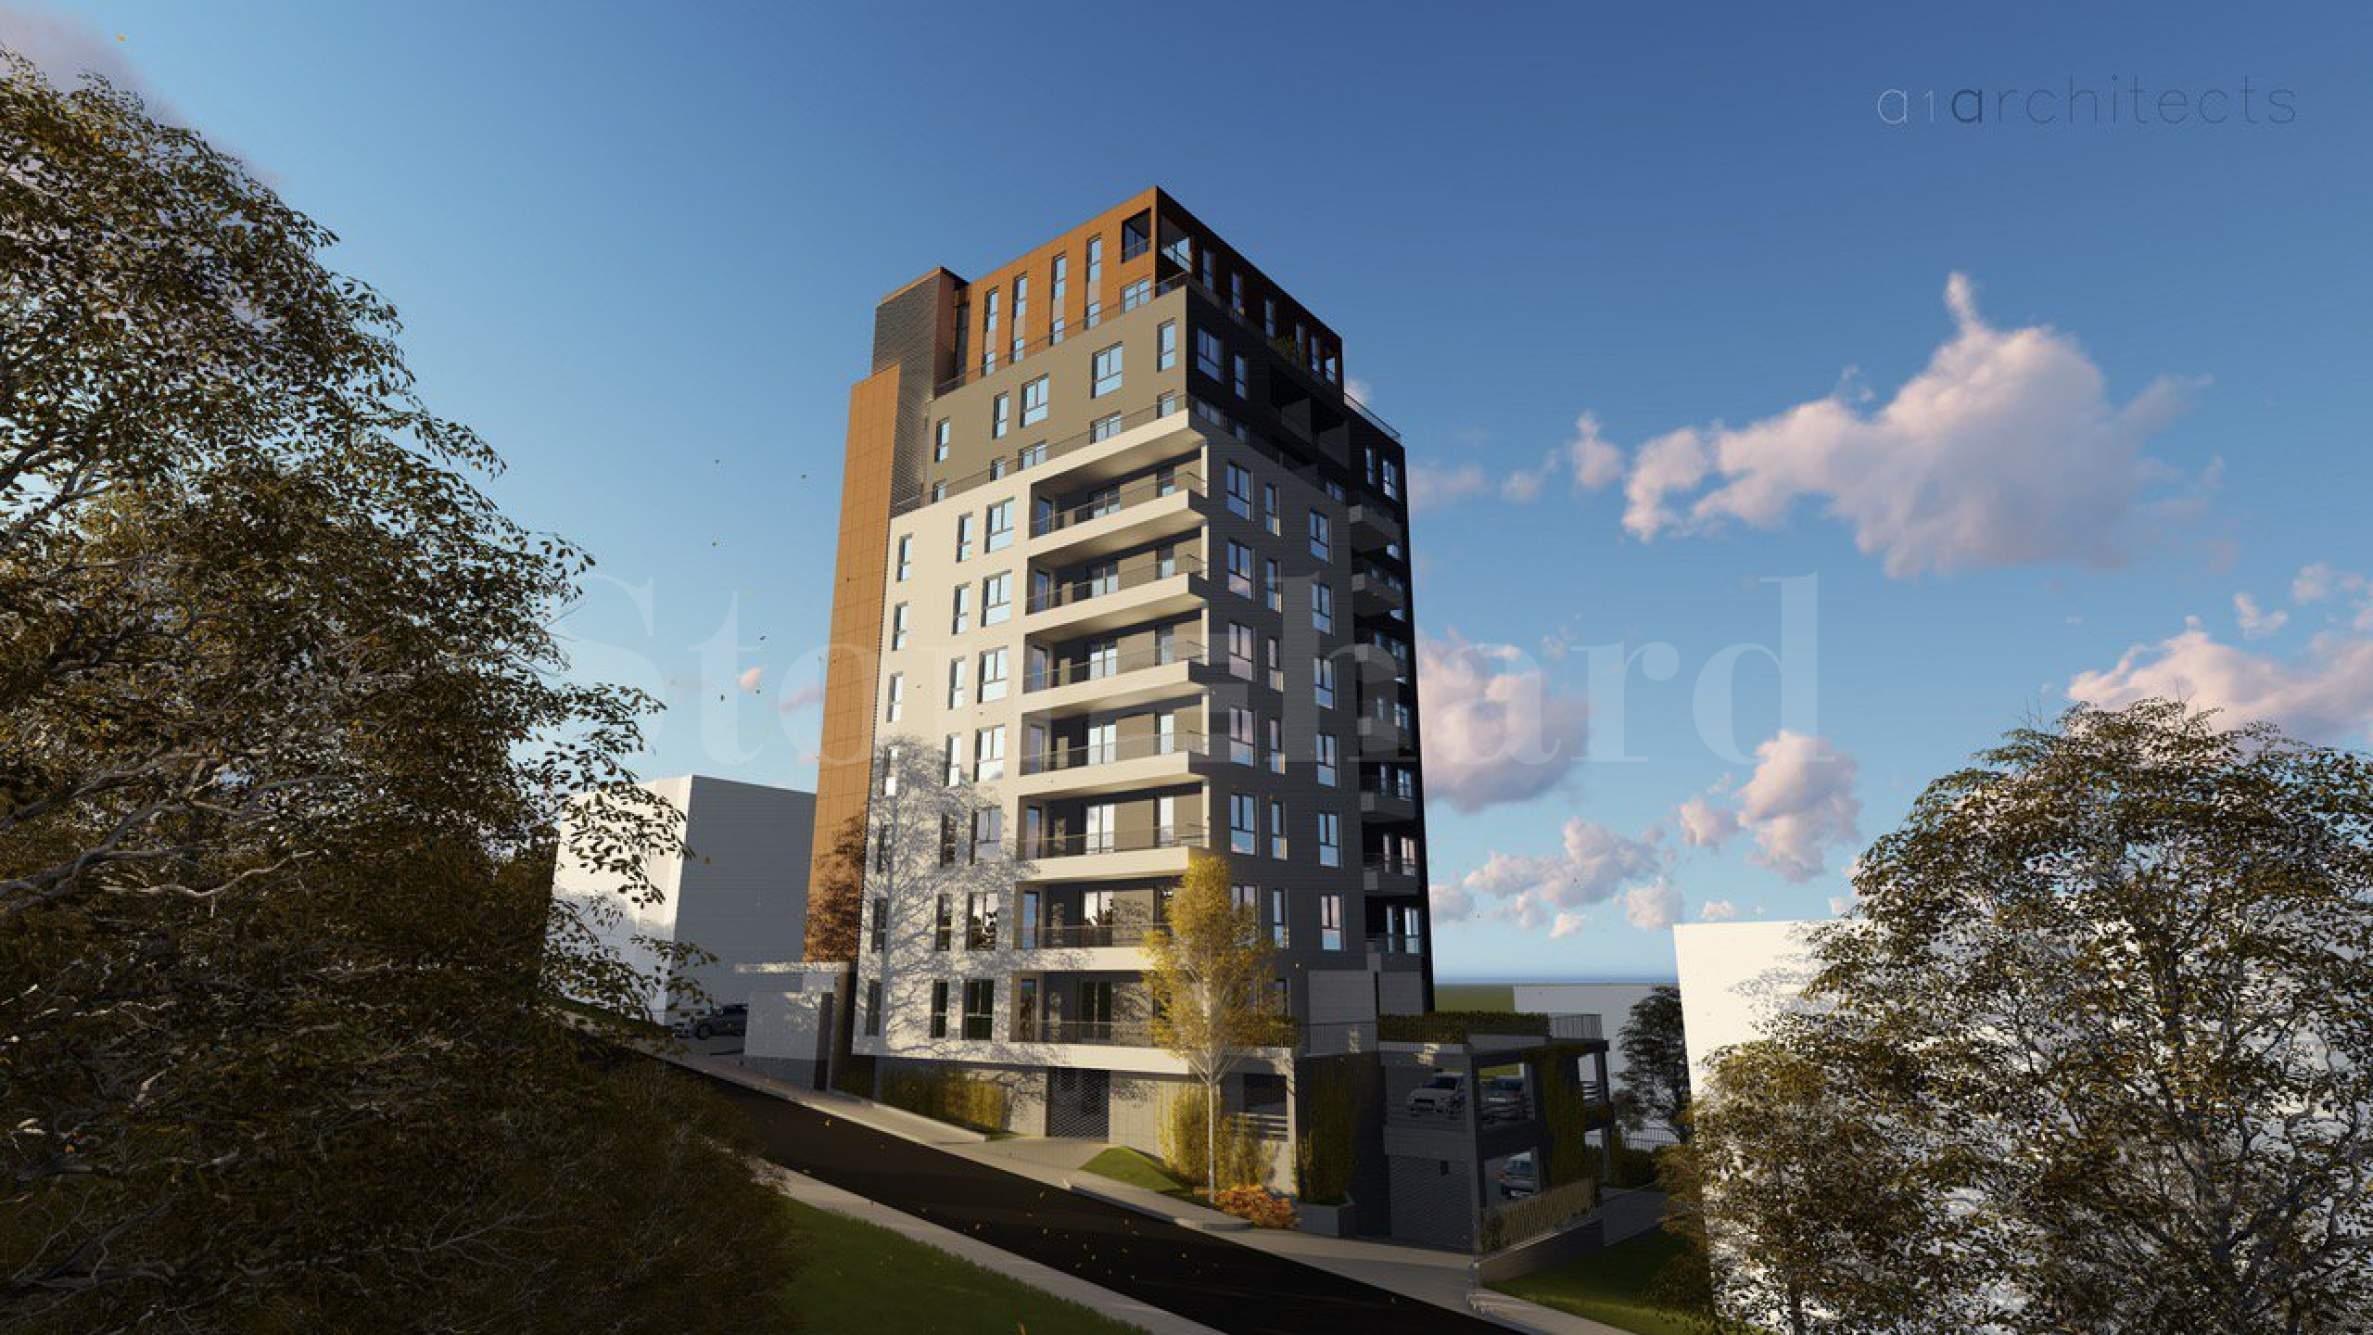 Нови апартаменти с морска панорама в кв. Бриз1 - Stonehard